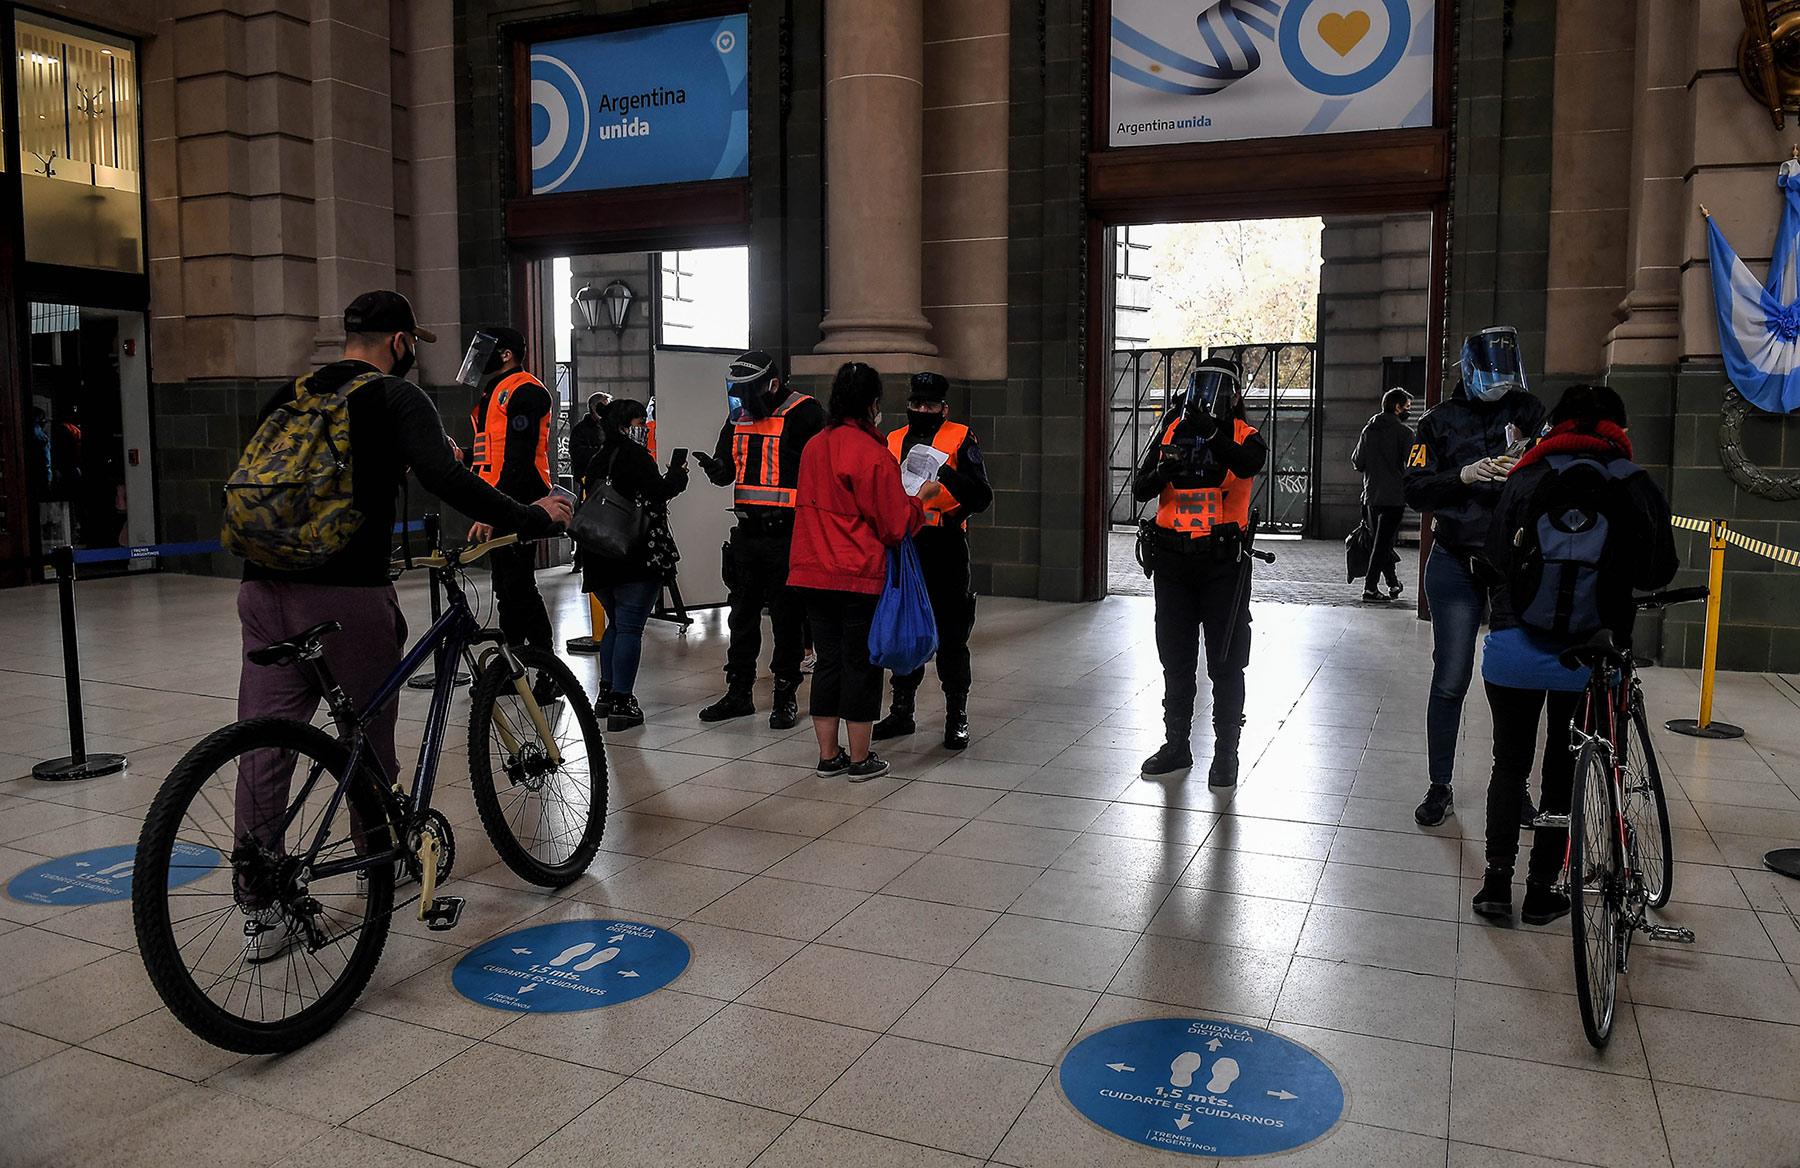 Ante el aumento de la circulación, Rodríguez Larreta dijo que intensificarán los controles